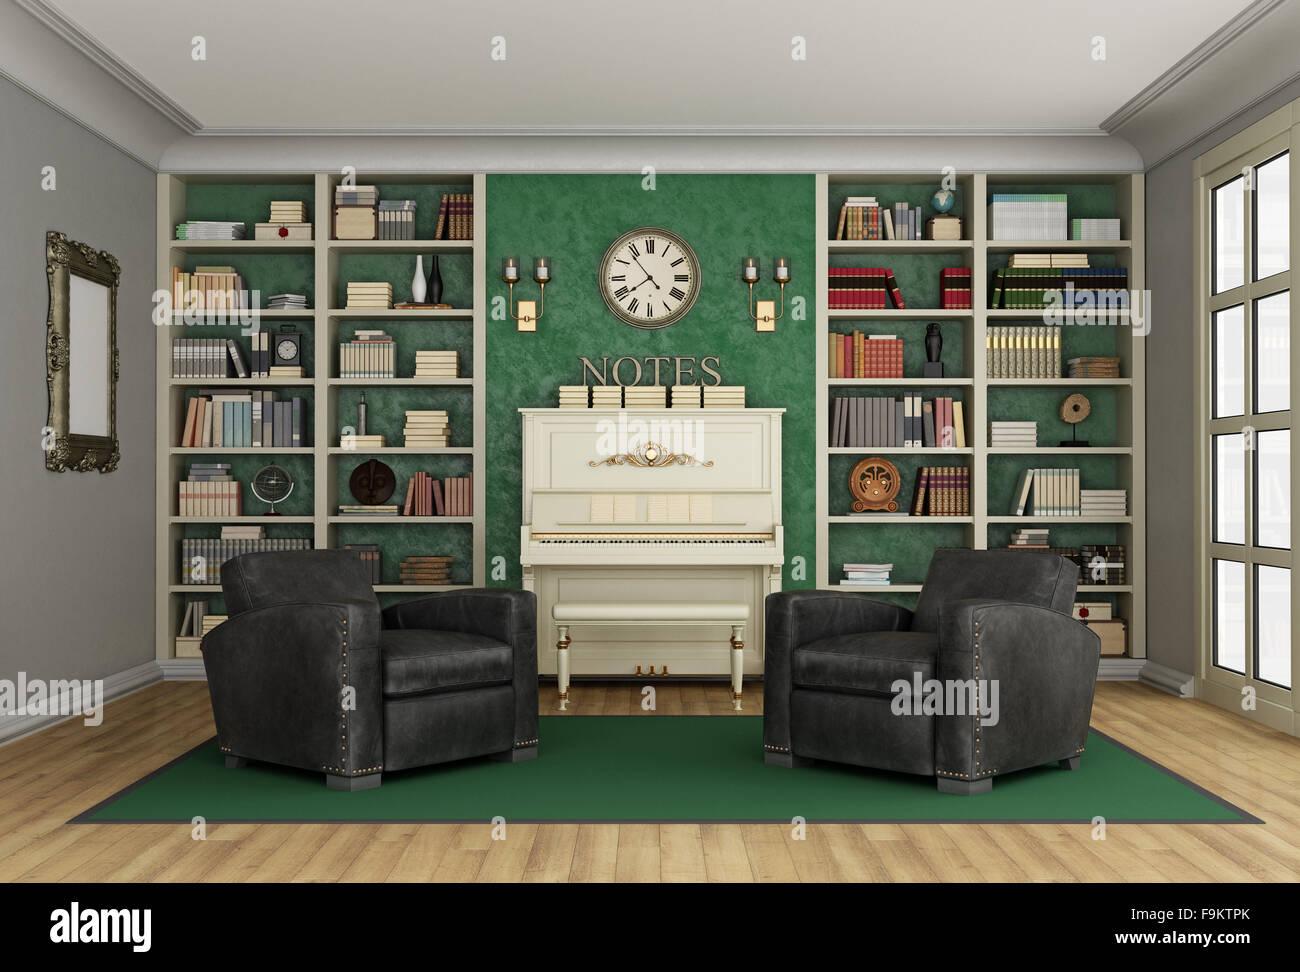 Superbe Luxus Wohnzimmer Mit Großen Bücherregal Voller Bücher Zwei Schwarzen  Klassischen Sessel Und Klavier   3D Rendering